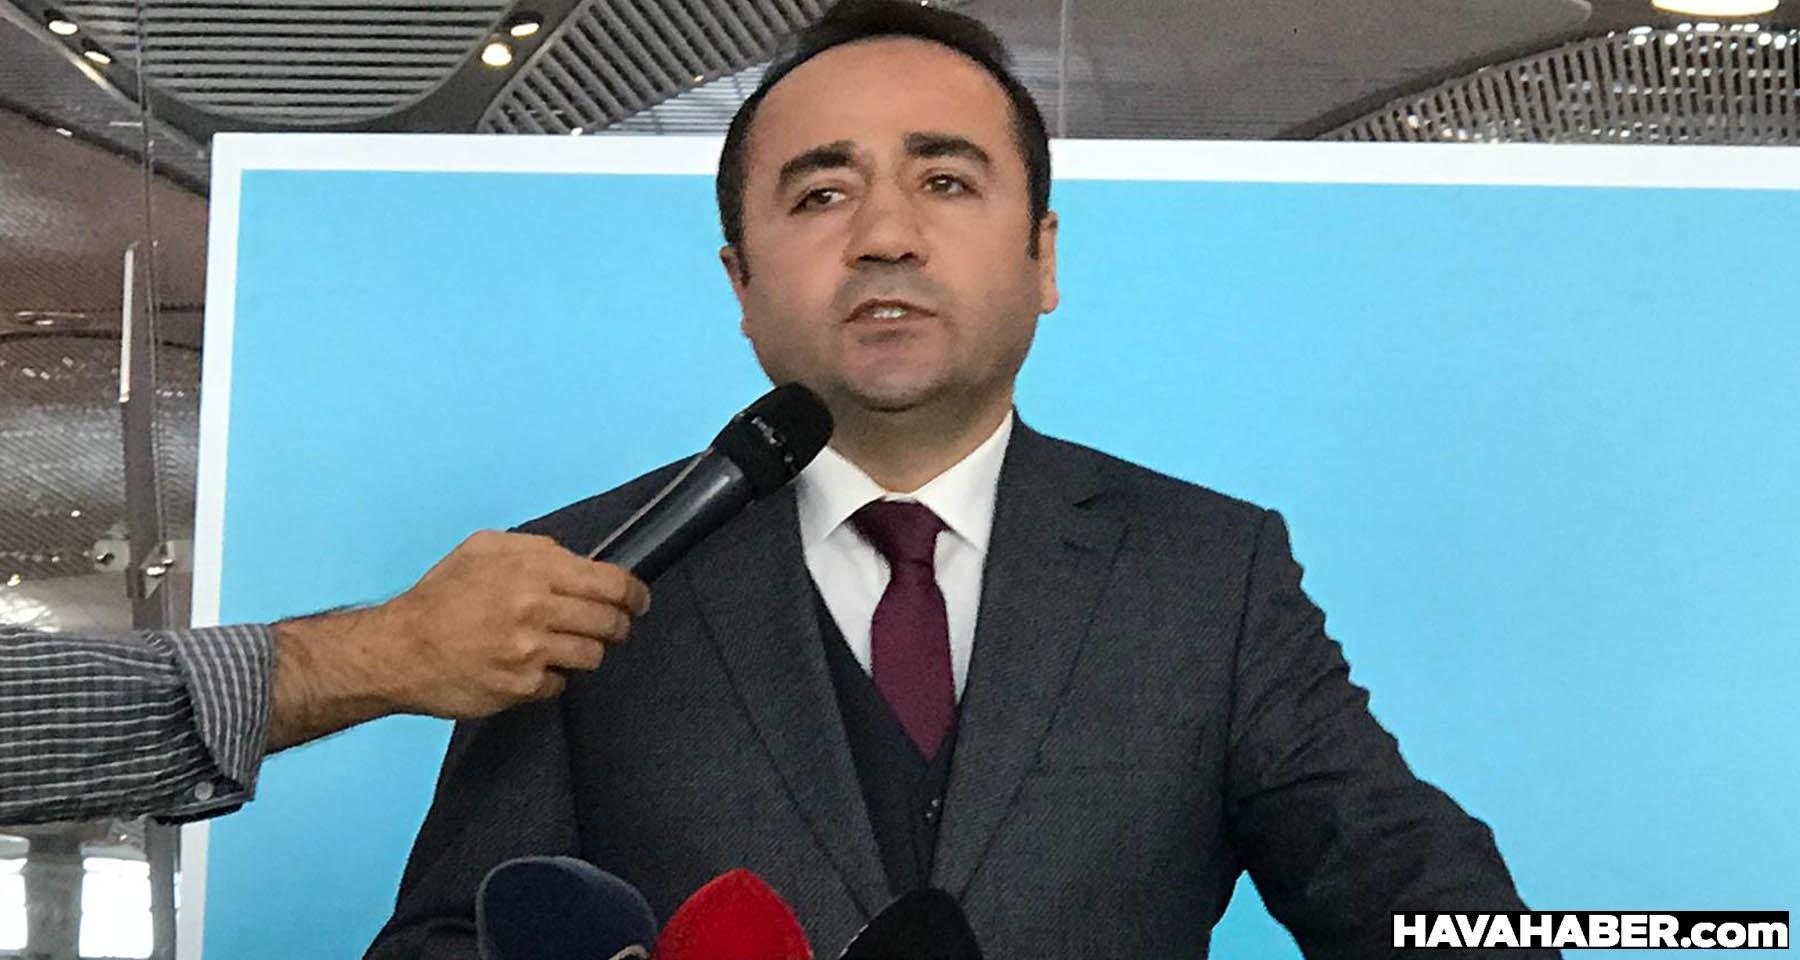 İstanbul Havalimanı Mülki İdare Amirliği'ne İstanbul Vali Yardımcısı İsmail Şanlı atandı.